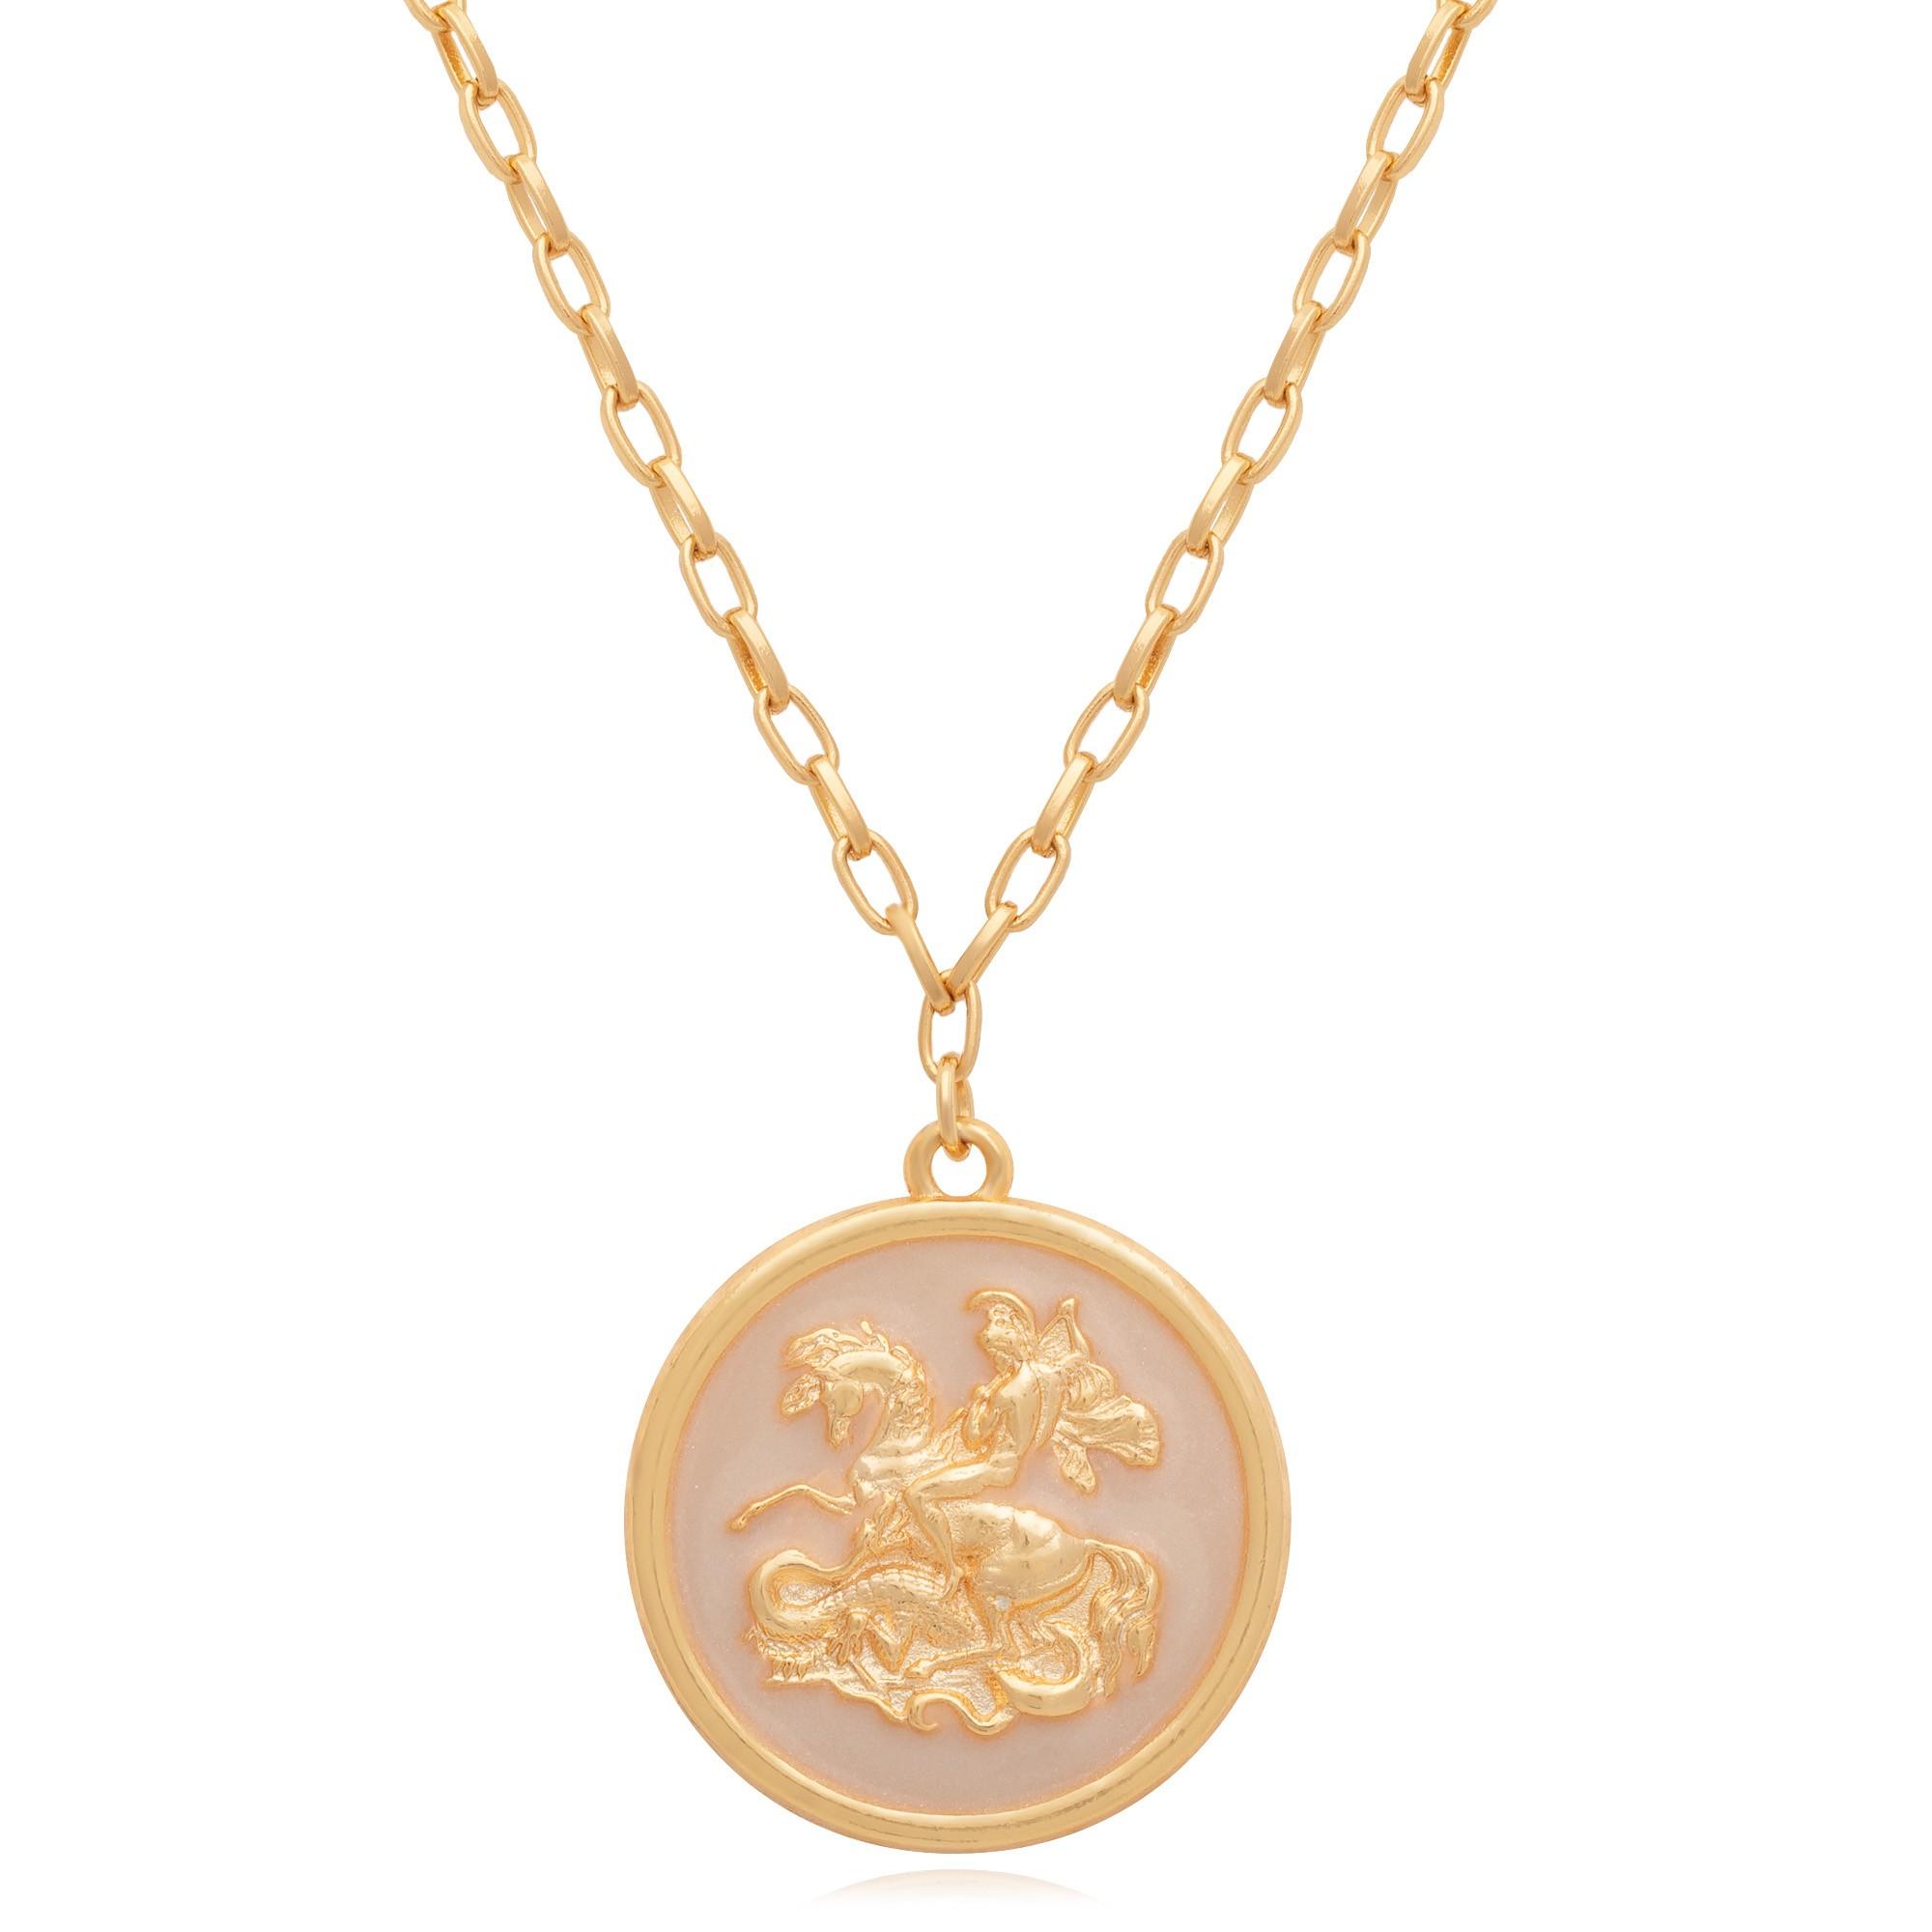 Colar banhado à ouro 18k com pingente de São Jorge resinado em madreperola.  - bfdecor.com.br